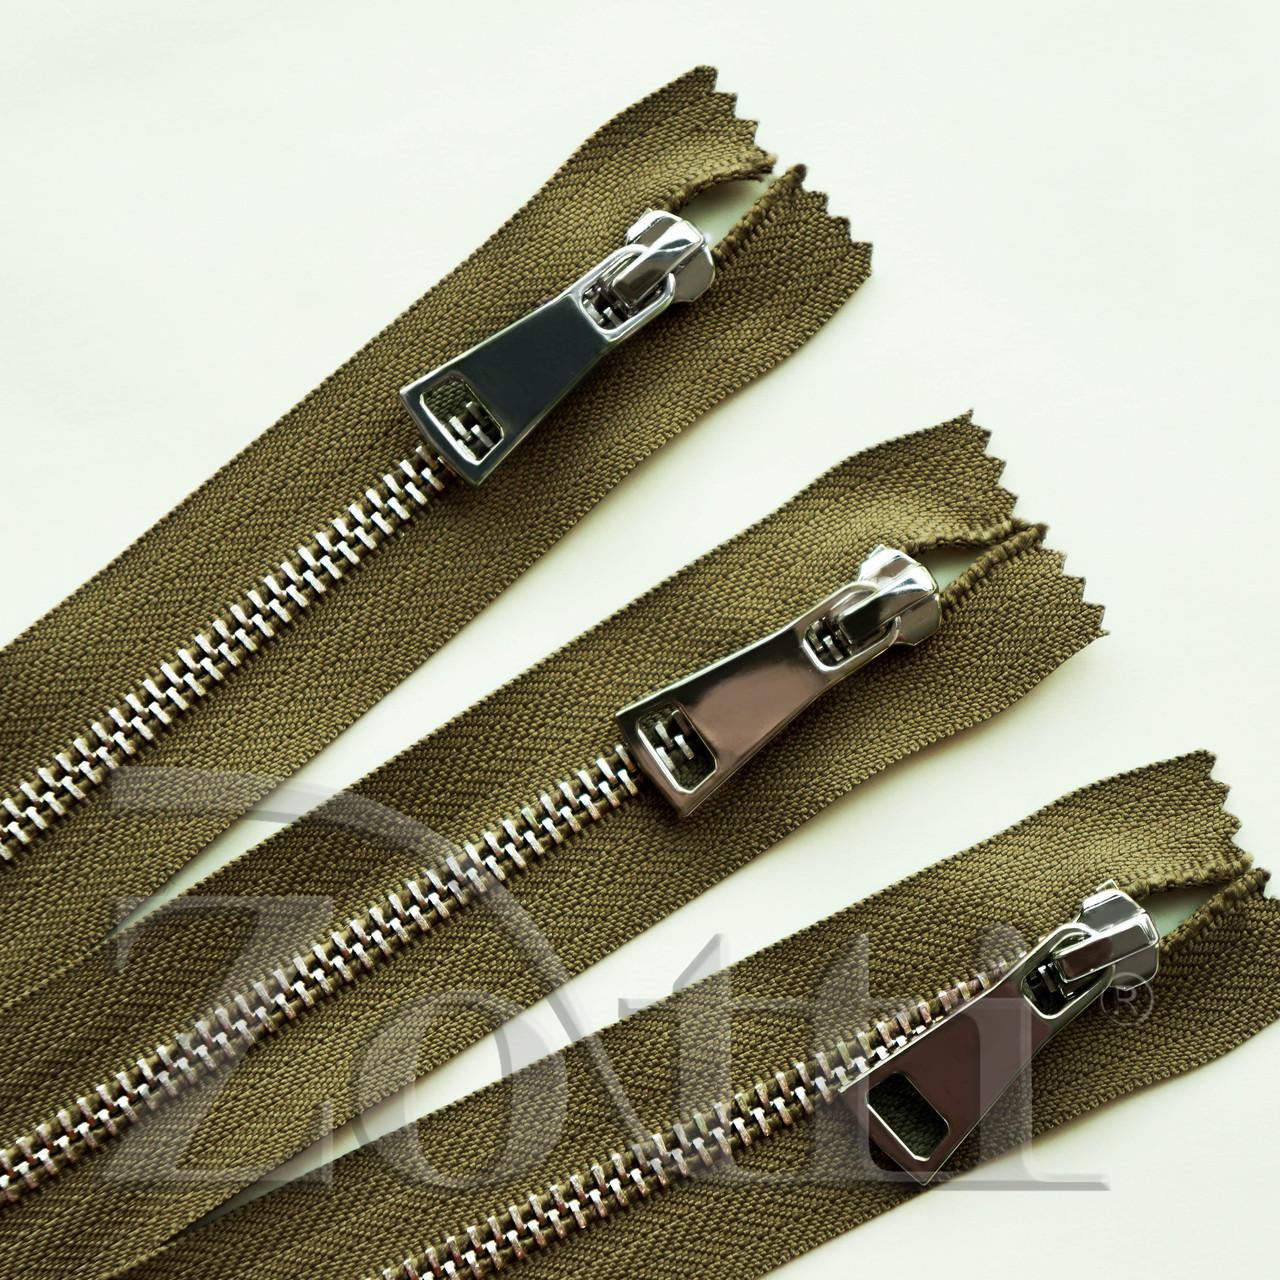 Молния (змейка,застежка) металлическая №5, размерная, обувная, хаки, с серебряным бегунком № 115 - 25 см